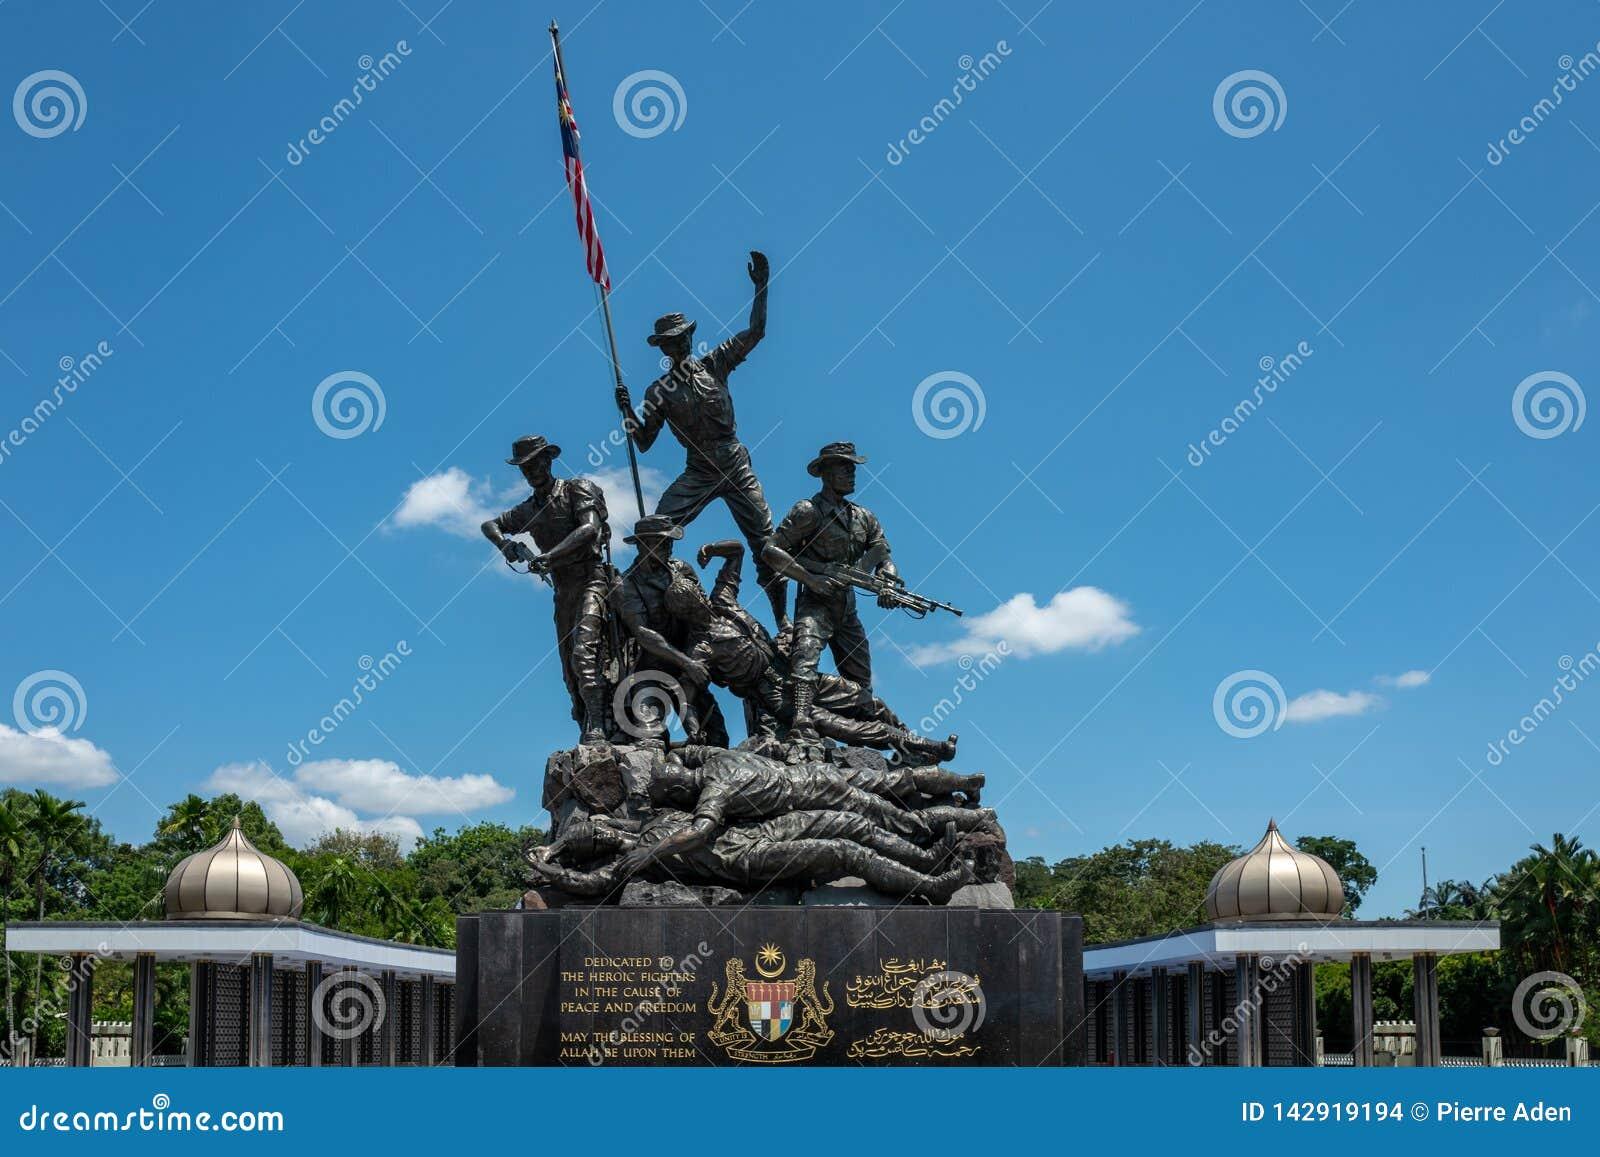 Kuala Lumpur, Malesia - 27 febbraio 2019: Il monumento nazionale della Malesia 15 metri è identificato come il più grande